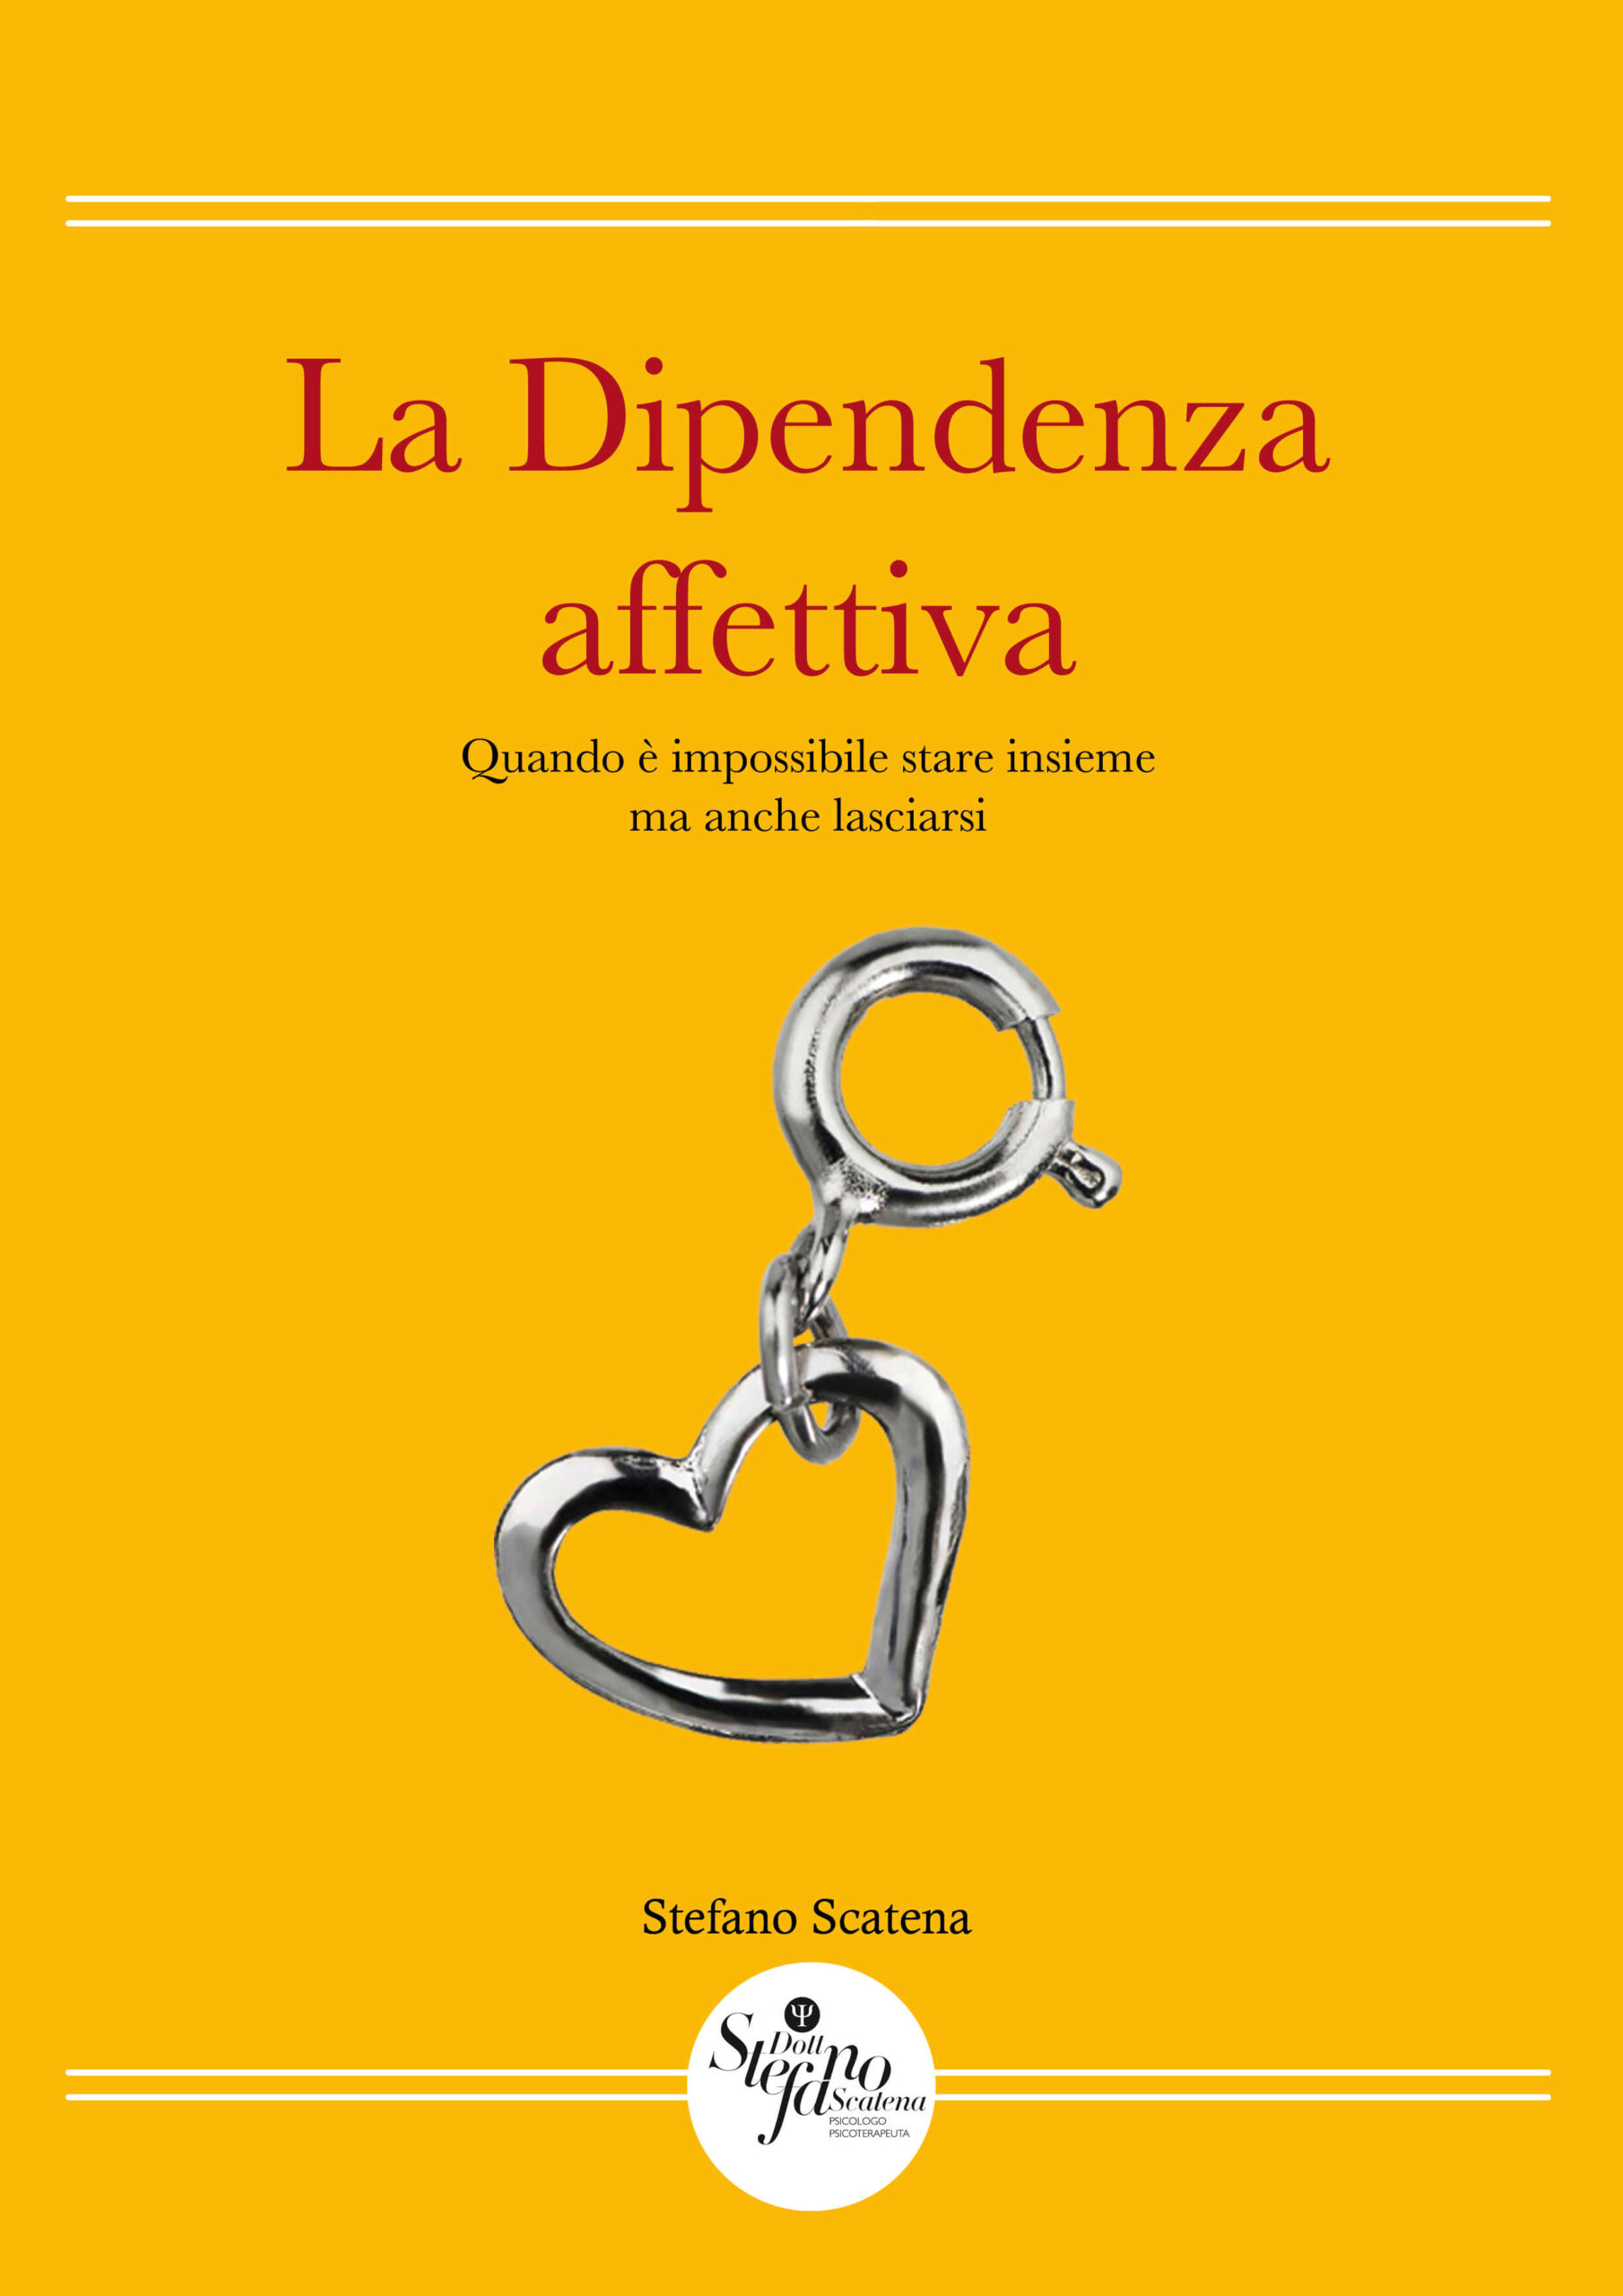 Copertina Libro - Stefano Scatena